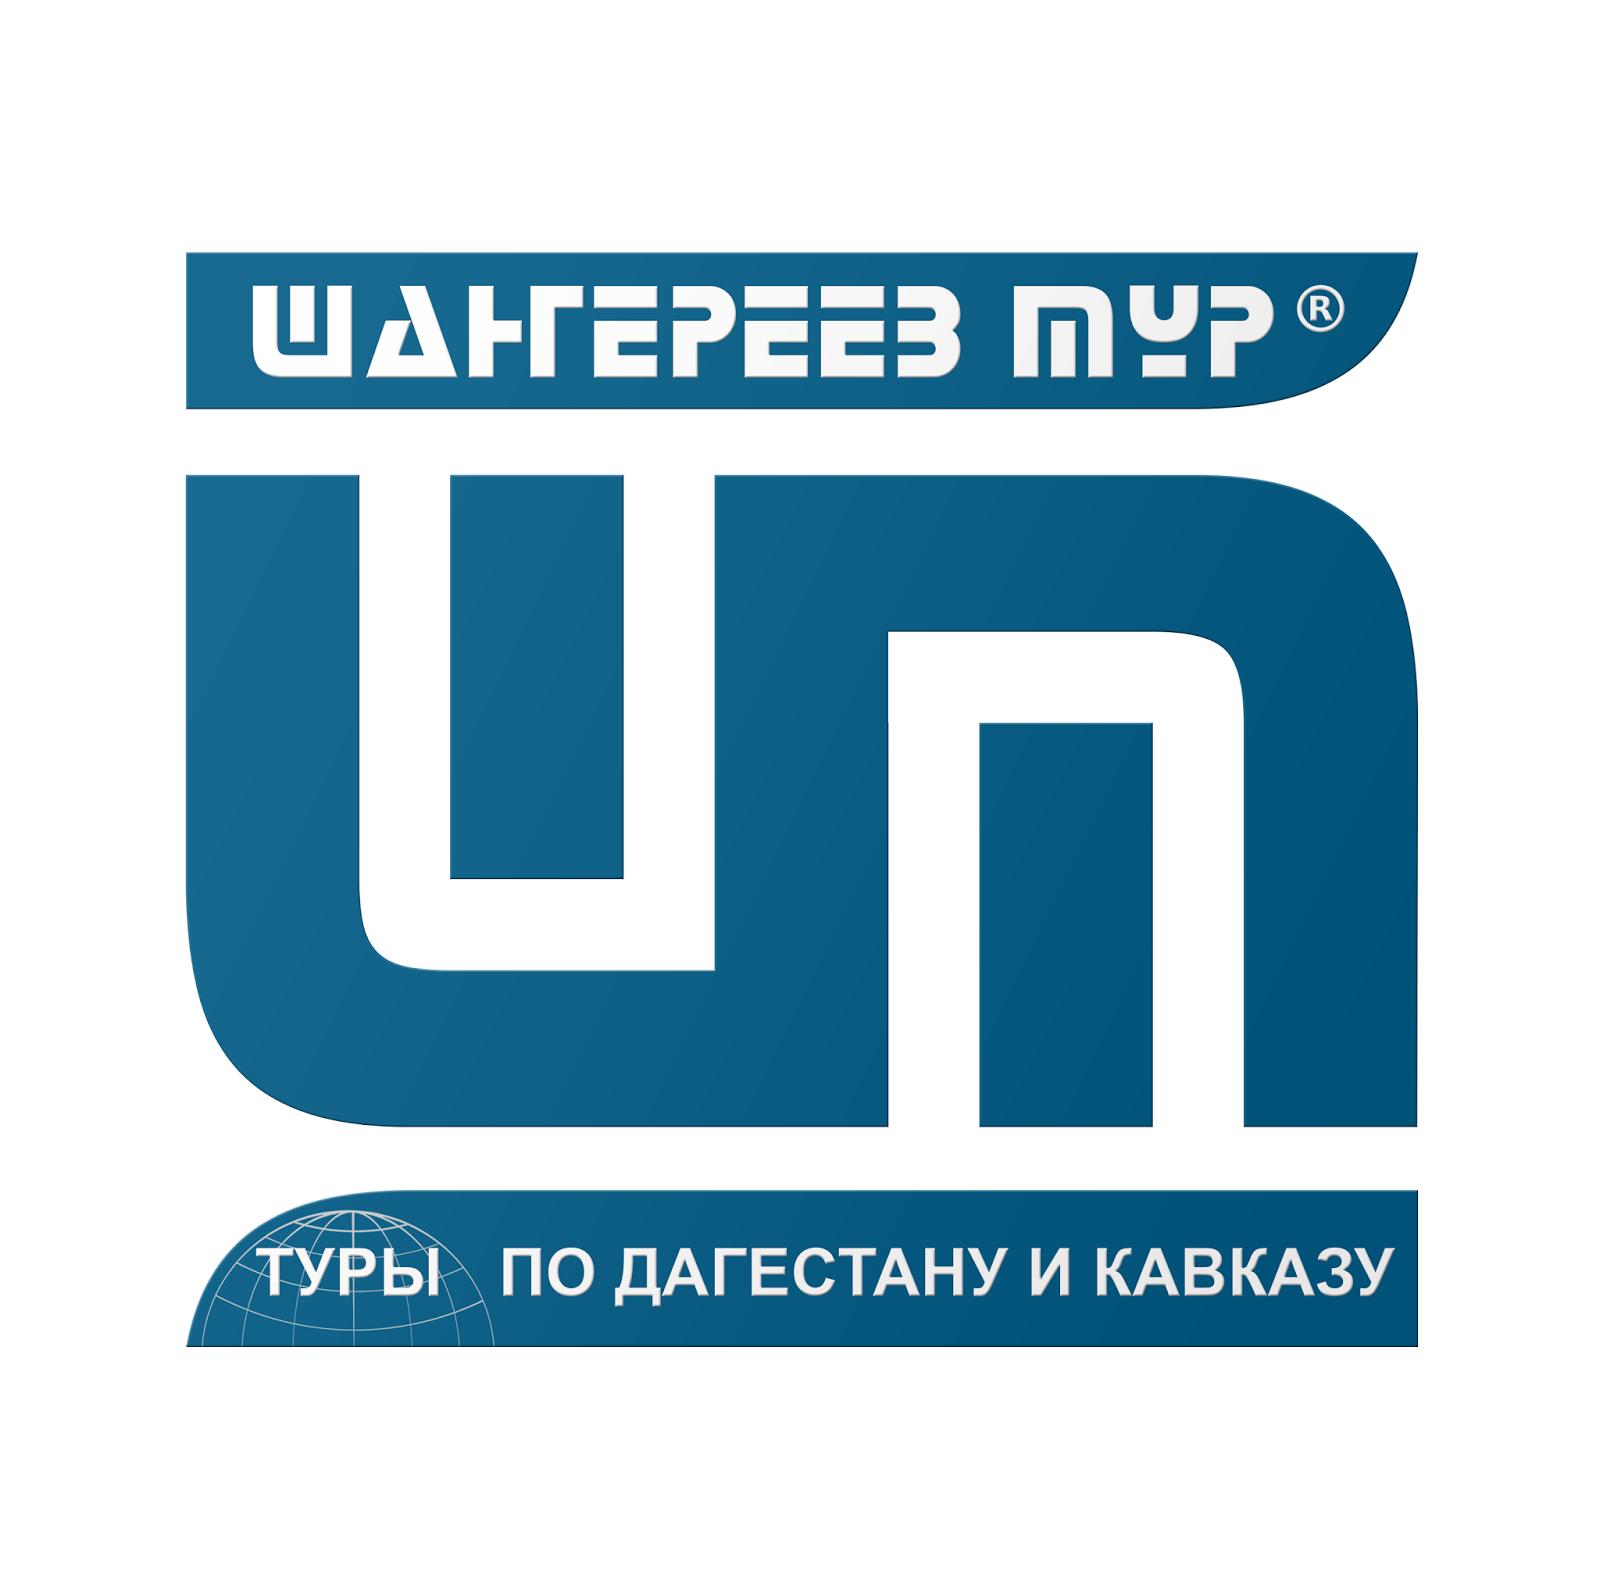 Разработка логотипов гербов грамот дипломов баннеров Логотип  Варианты логотипа для тур фирмы Шангереев Тур